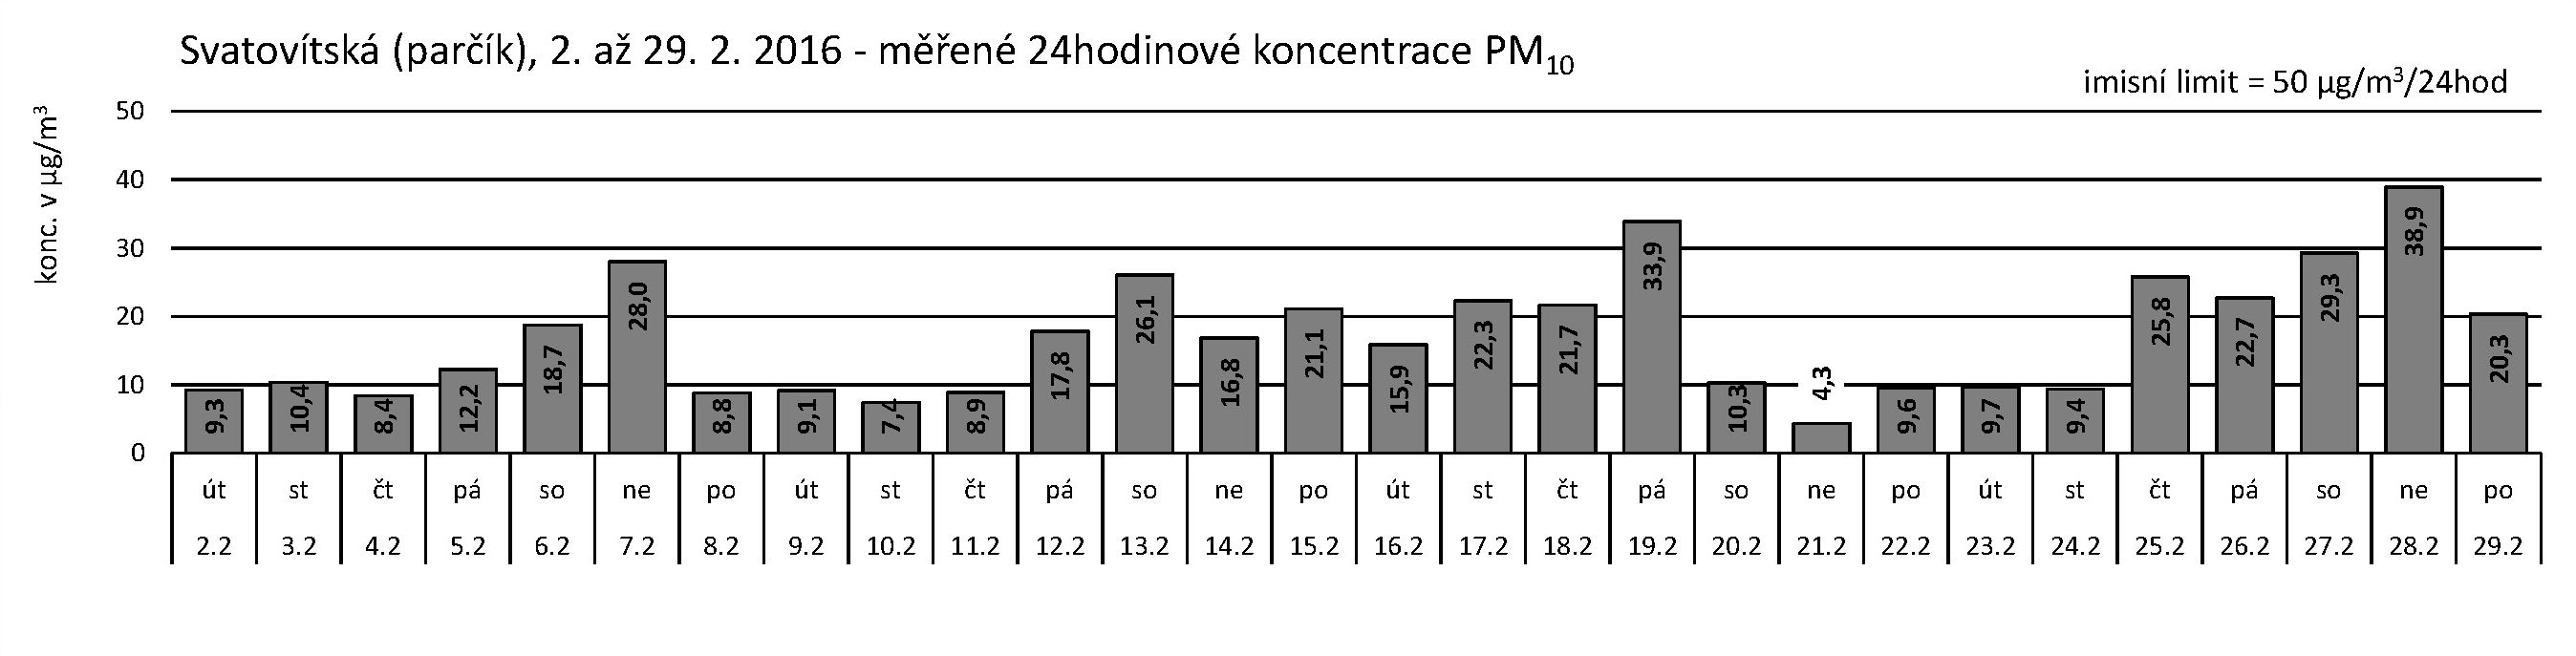 Svatovítská - 02.2016 - PM10 za 24 hodin